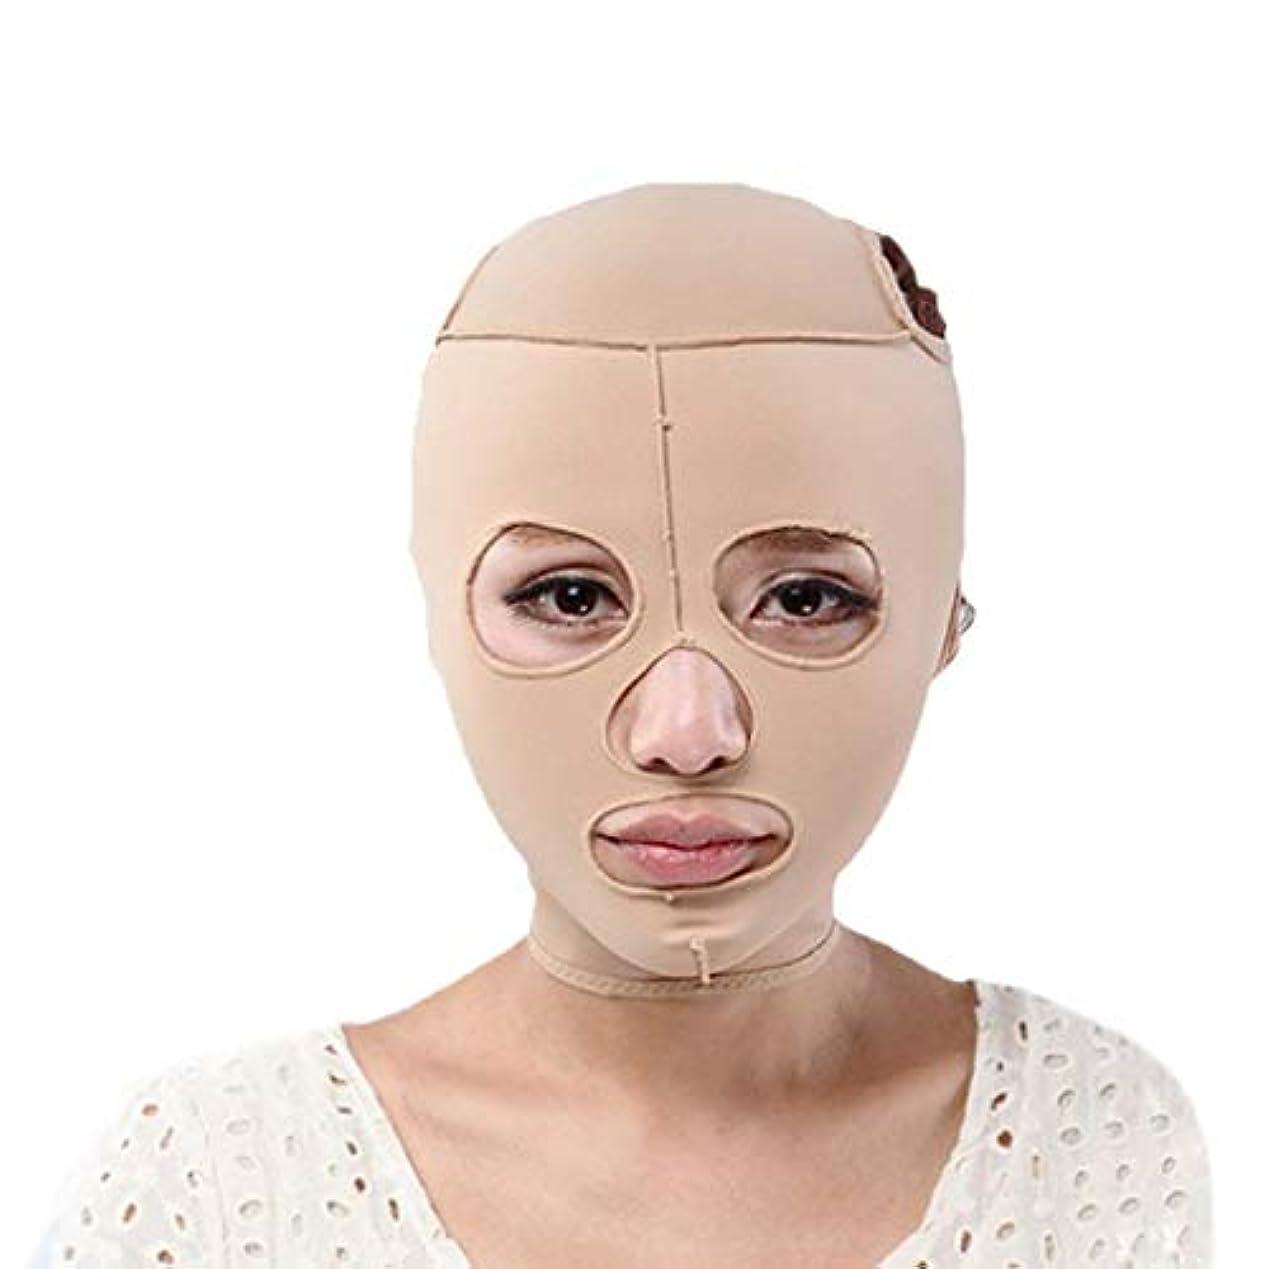 昼寝チーター悪いチンストラップ、顔の減量アンチシワマスク、快適な通気性マスク付きオールインクルーシブフェイス、薄型フェイスマスクリフティング包帯引き締め(サイズ:S),M